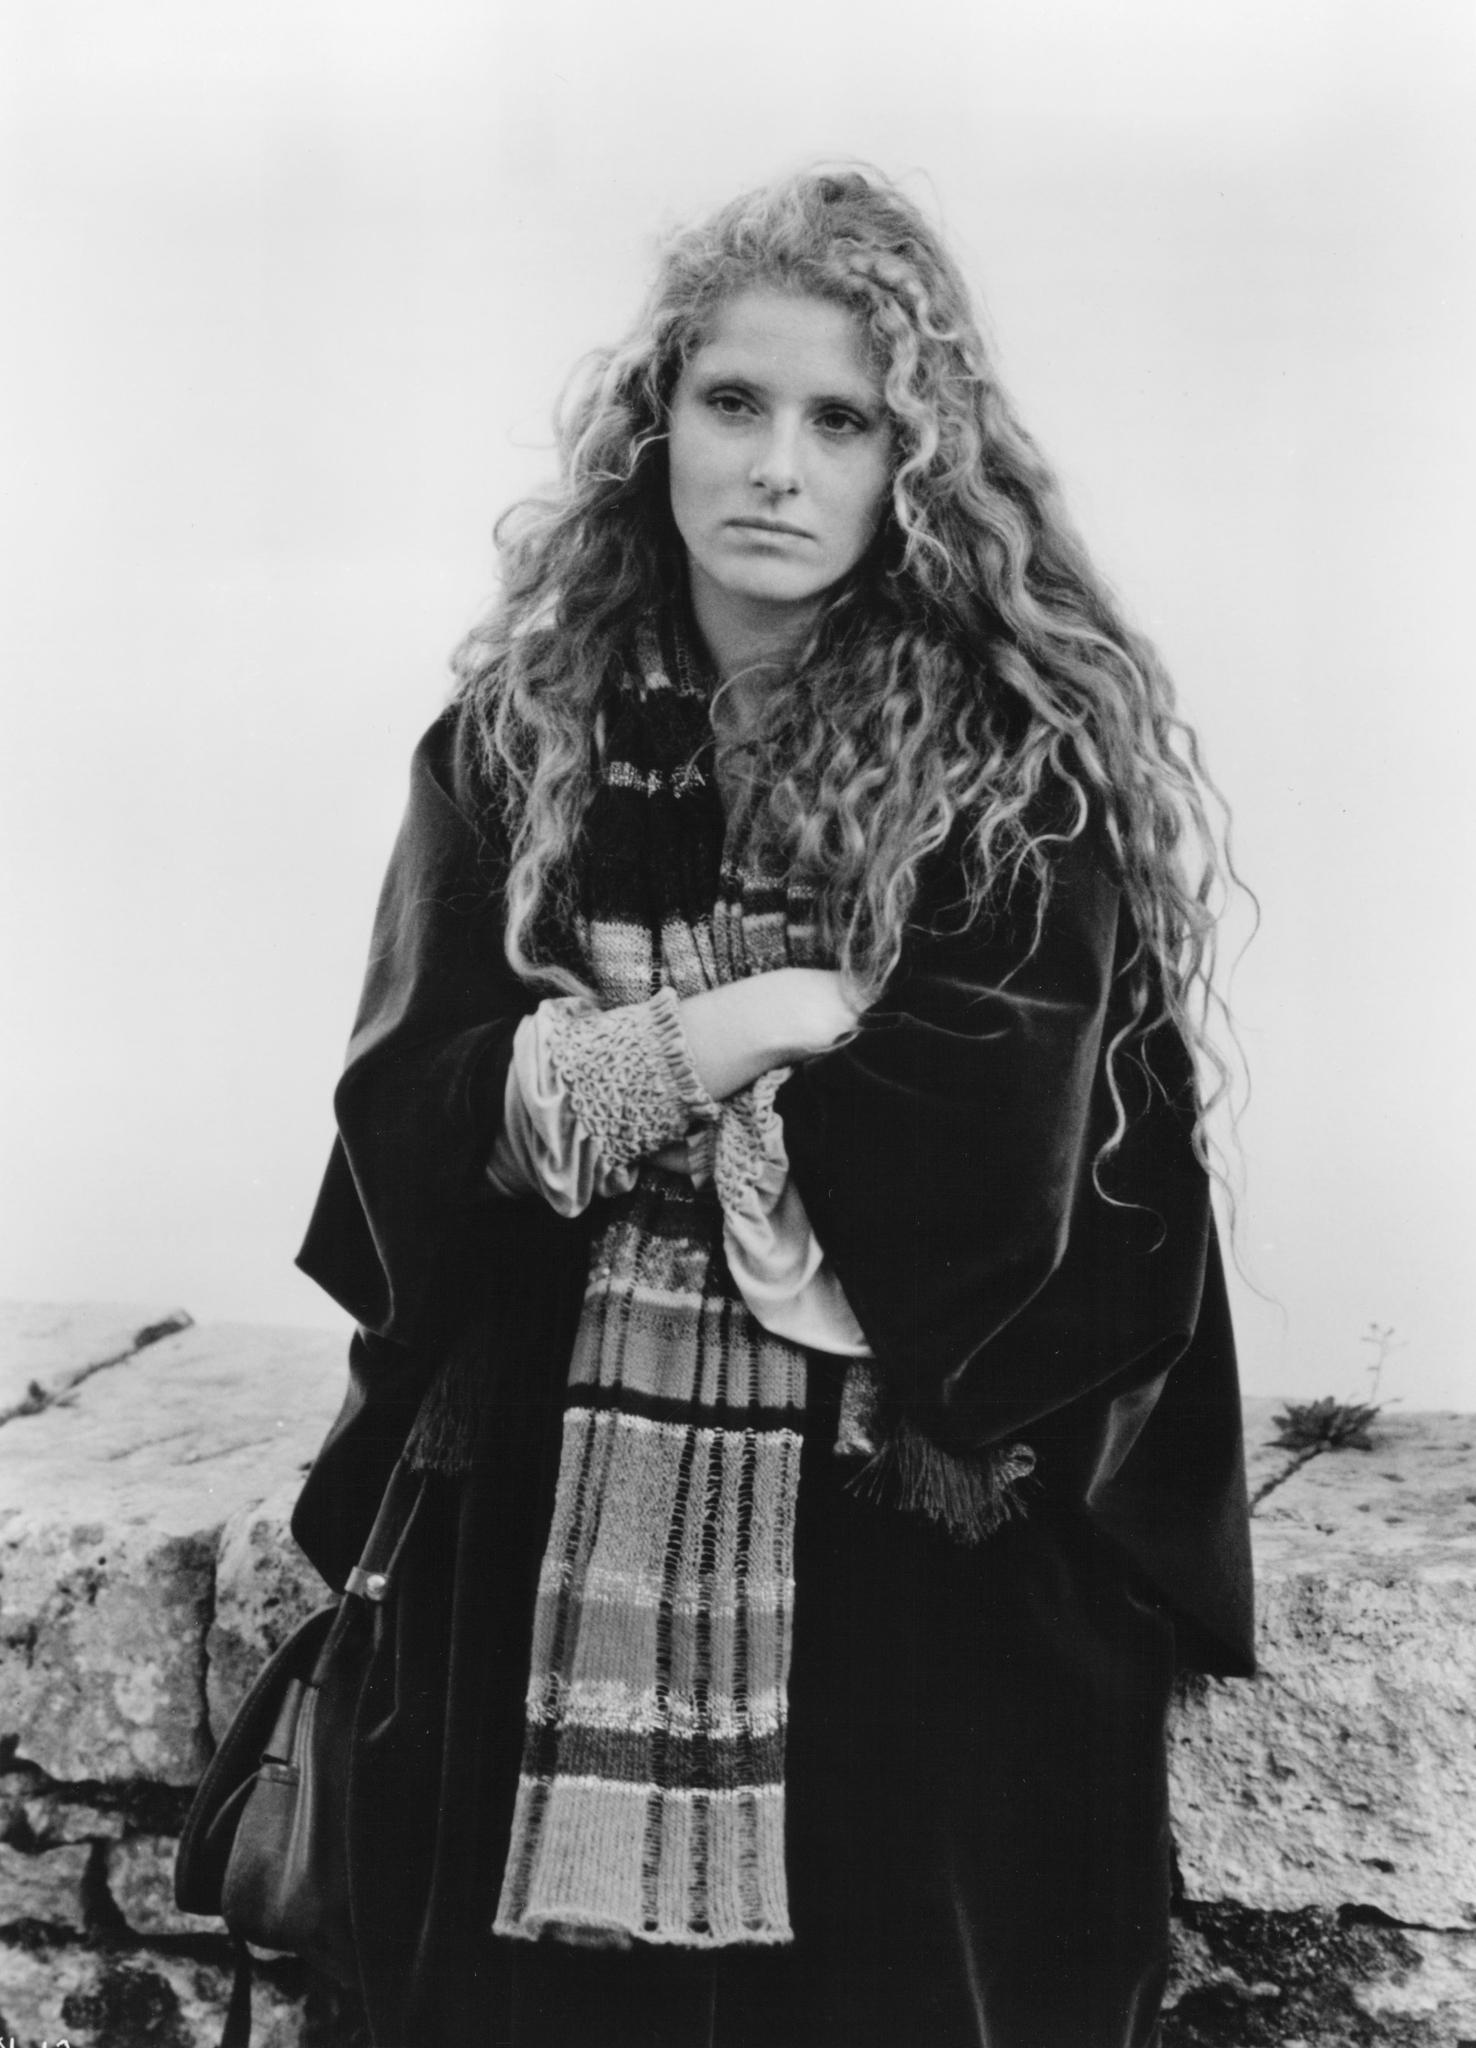 Domiziana Giordano (born 1959)